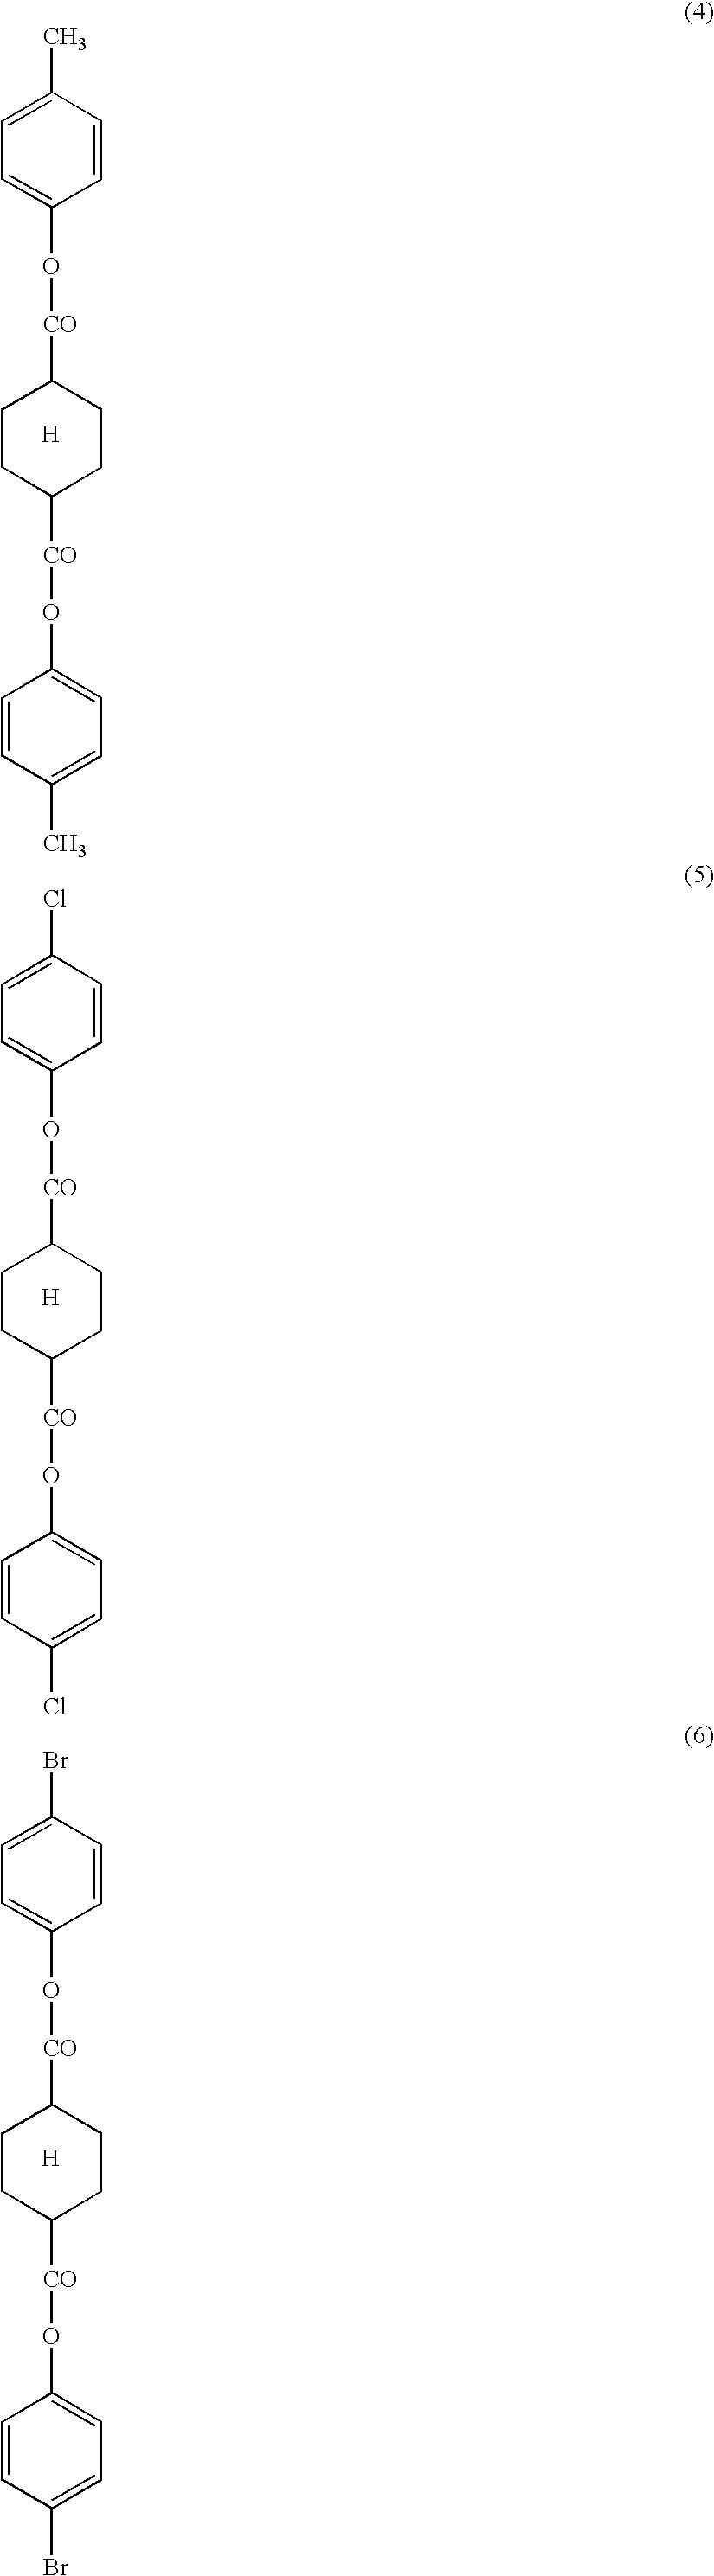 Figure US20090079910A1-20090326-C00002